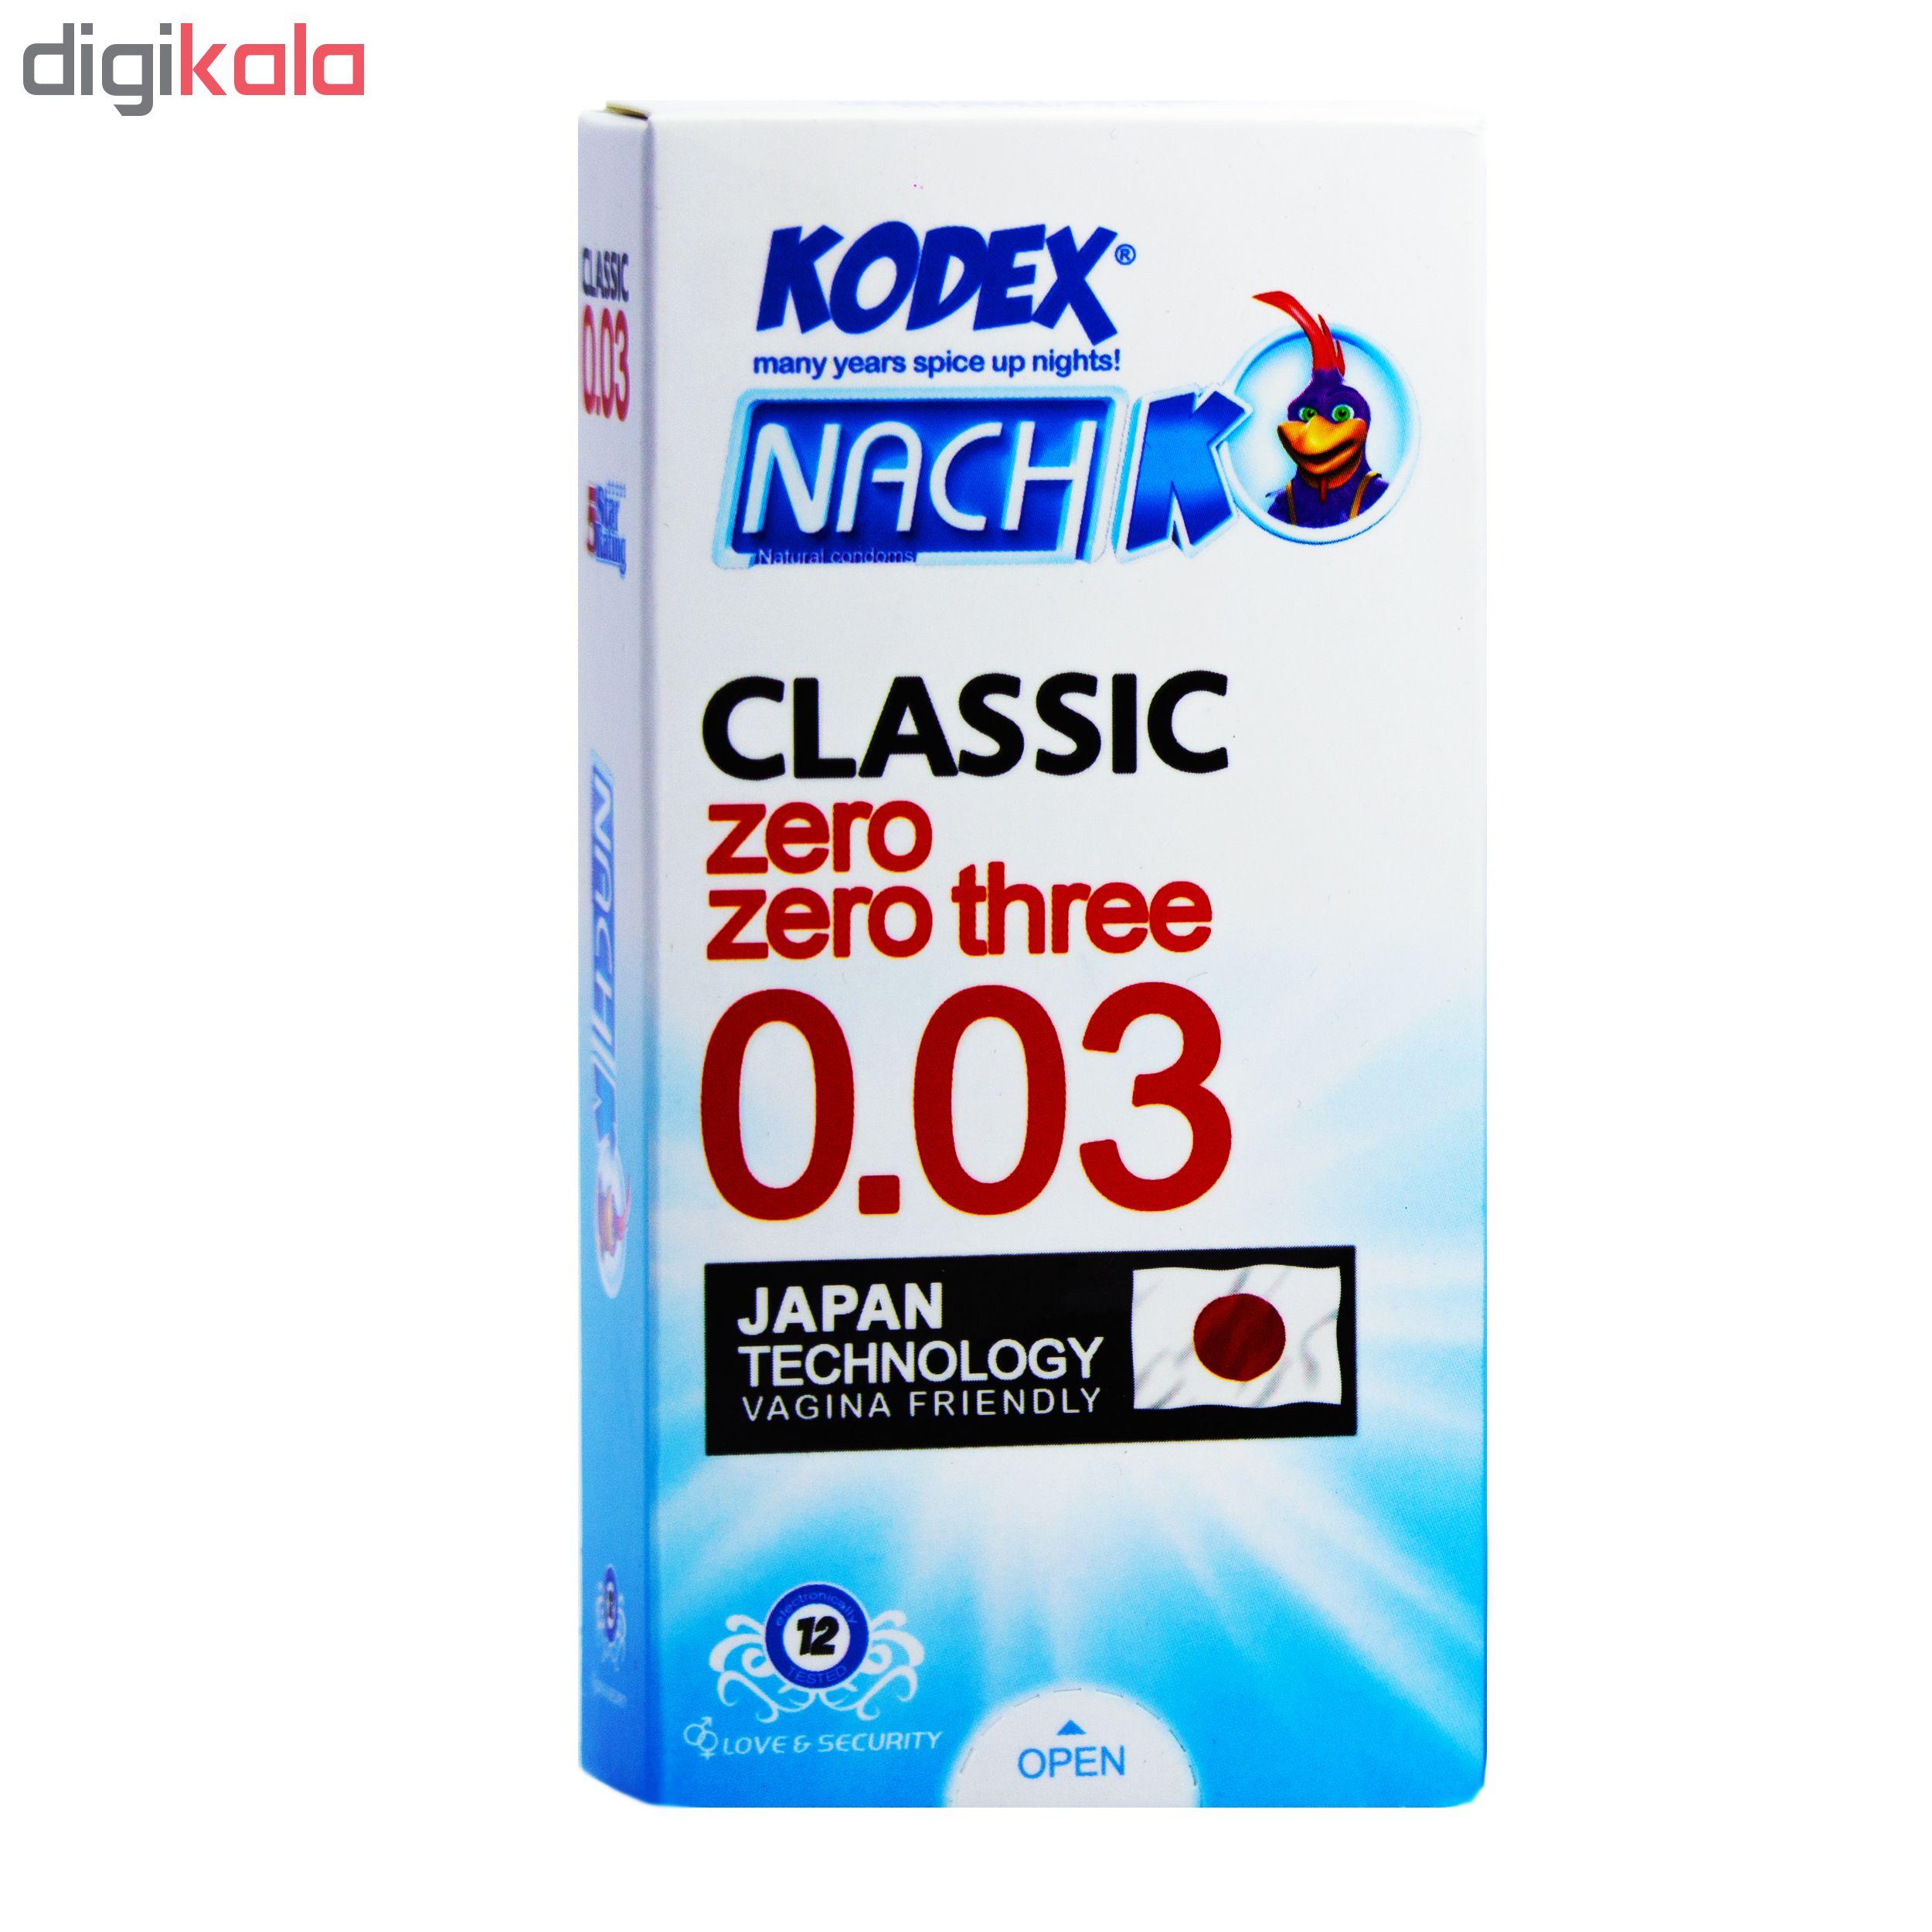 کاندوم ناچ کدکس مدل 0.03 بسته 12 عددی main 1 1